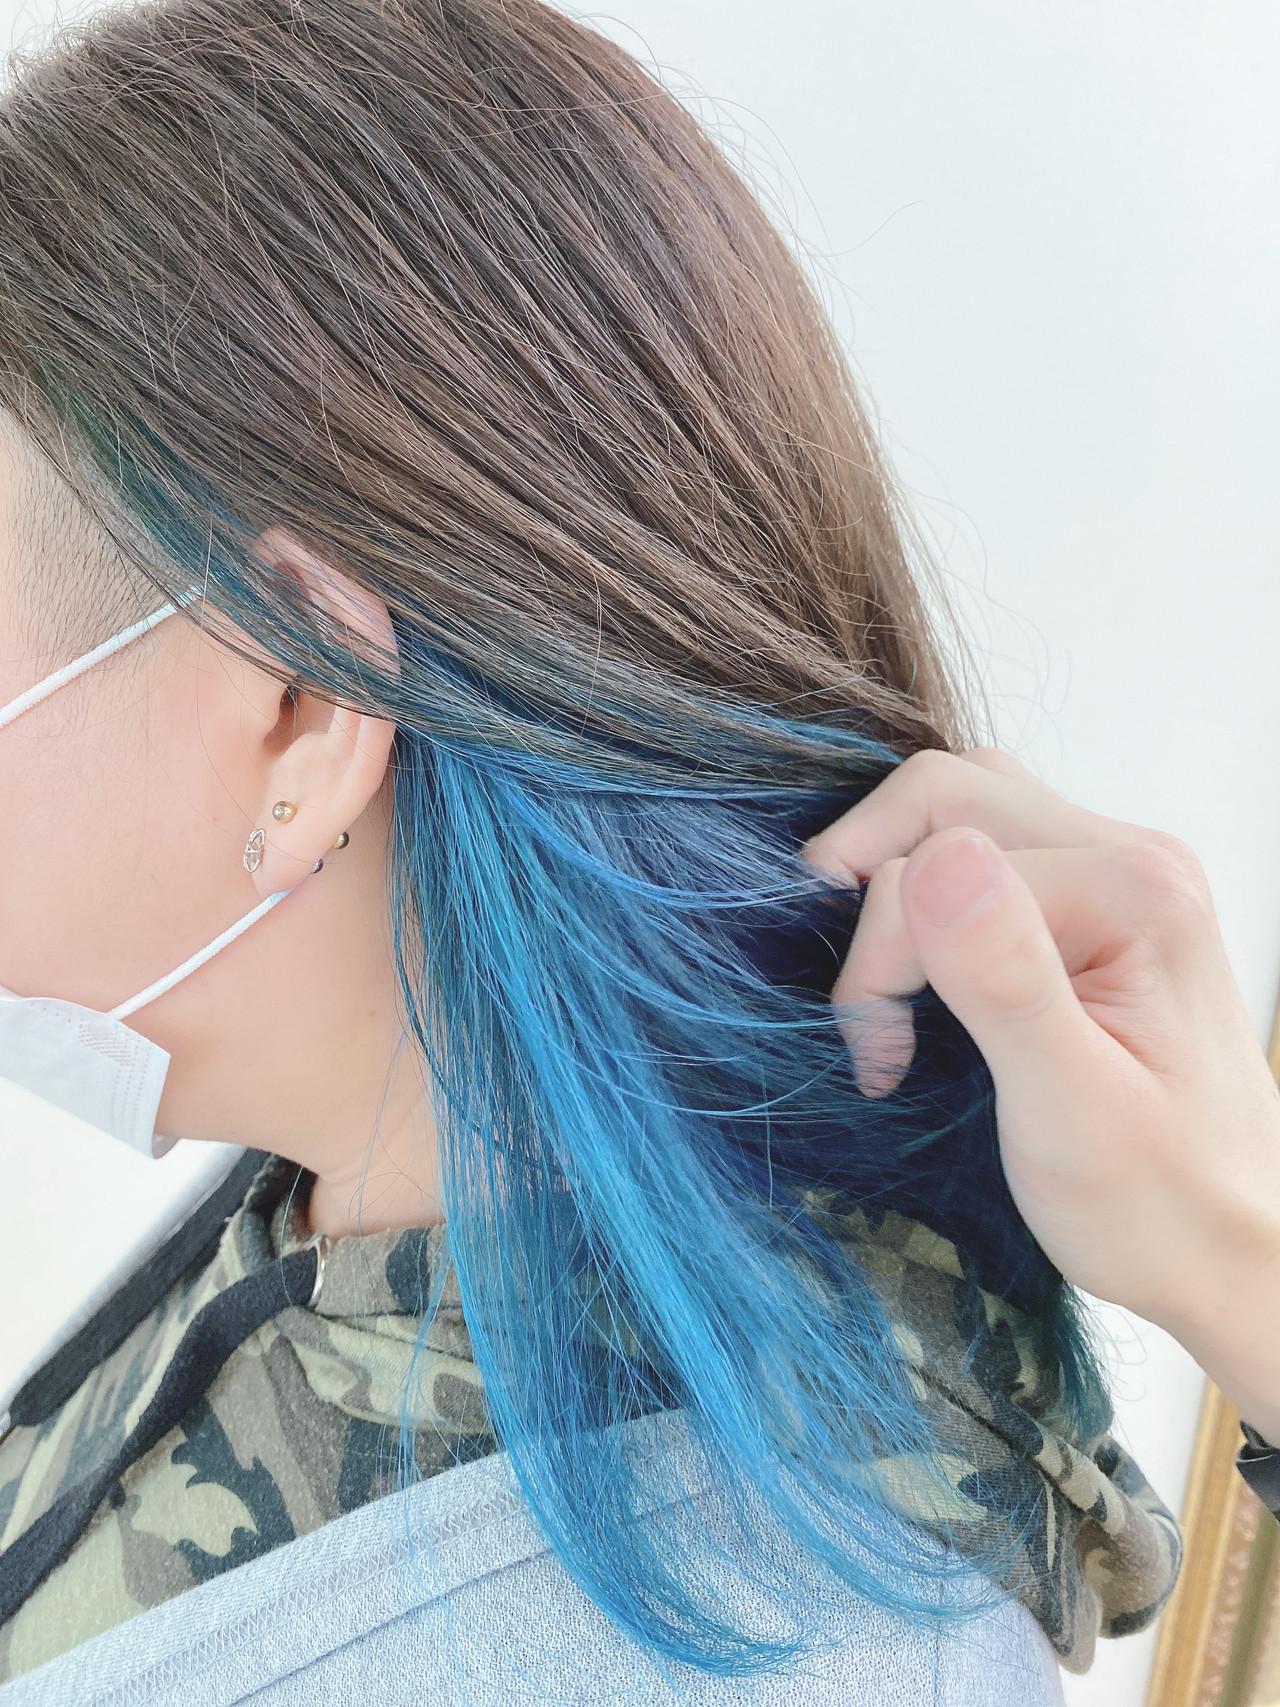 ナチュラル可愛い インナーカラー ミディアム ショートボブ ヘアスタイルや髪型の写真・画像